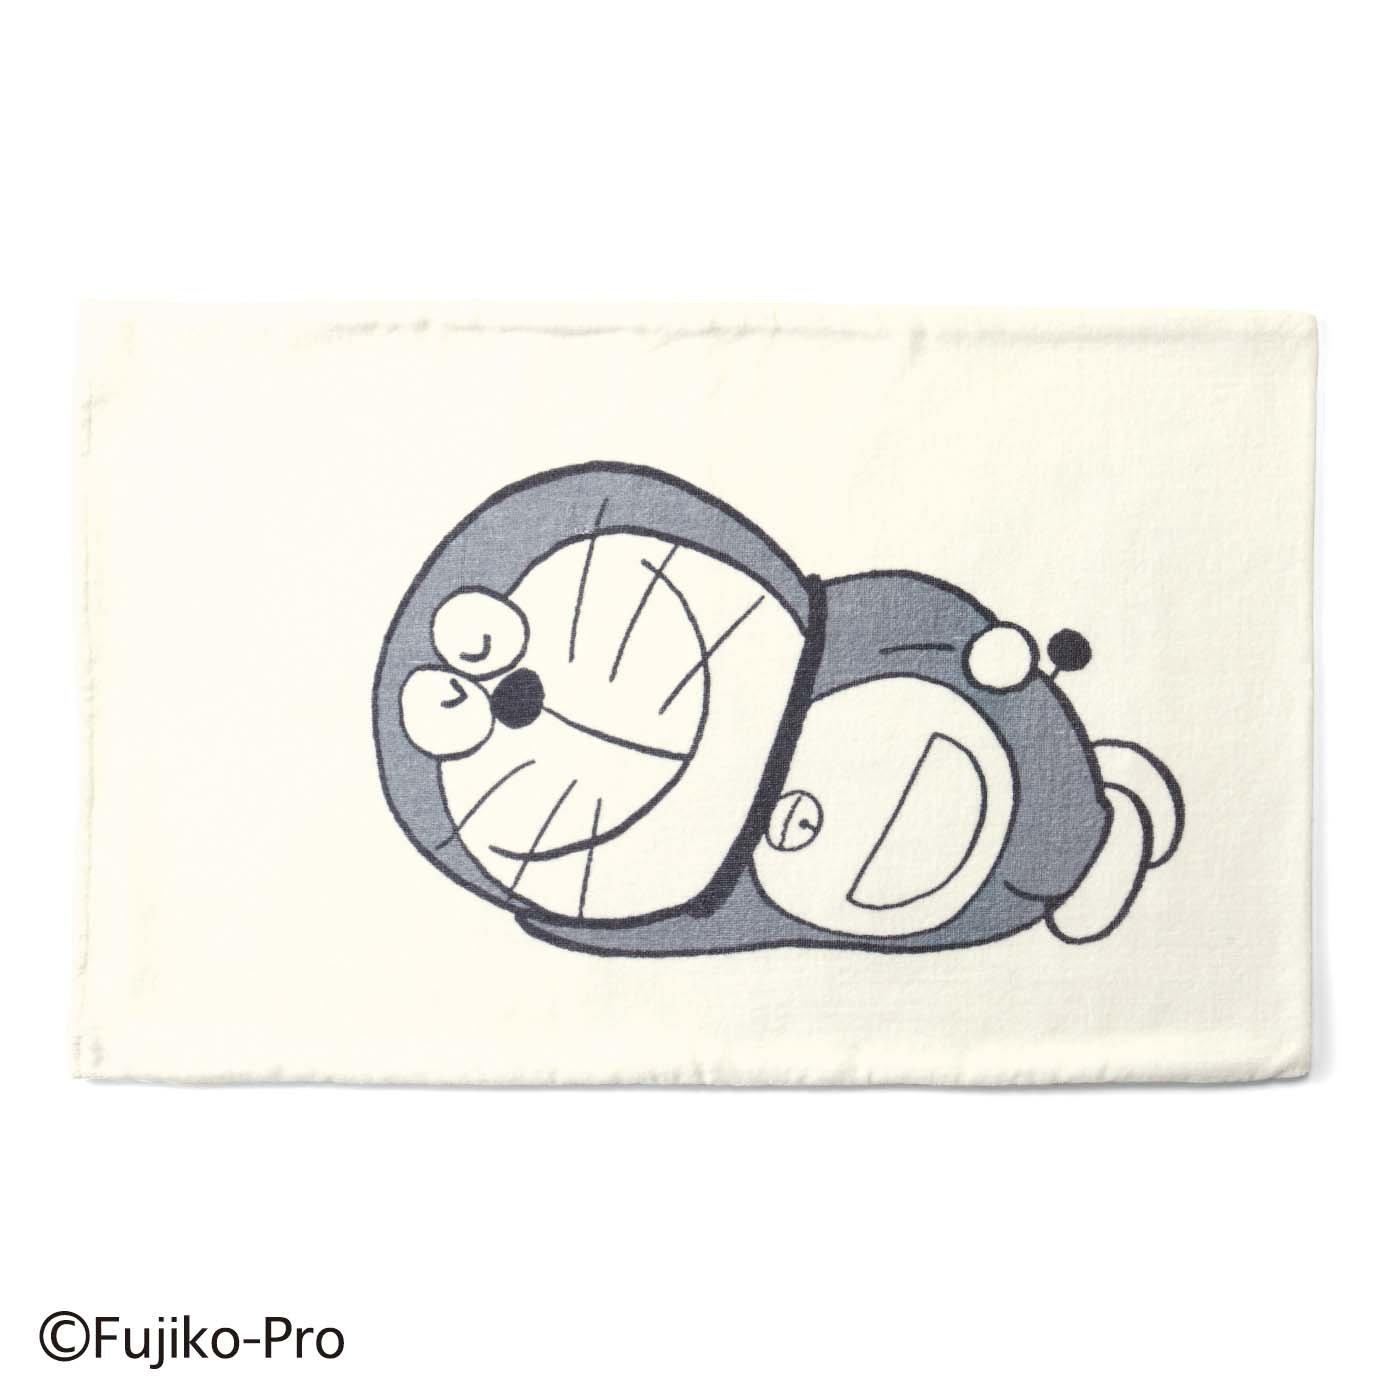 ドラえもん おやすみデザインを集めたふっくら枕カバーの会